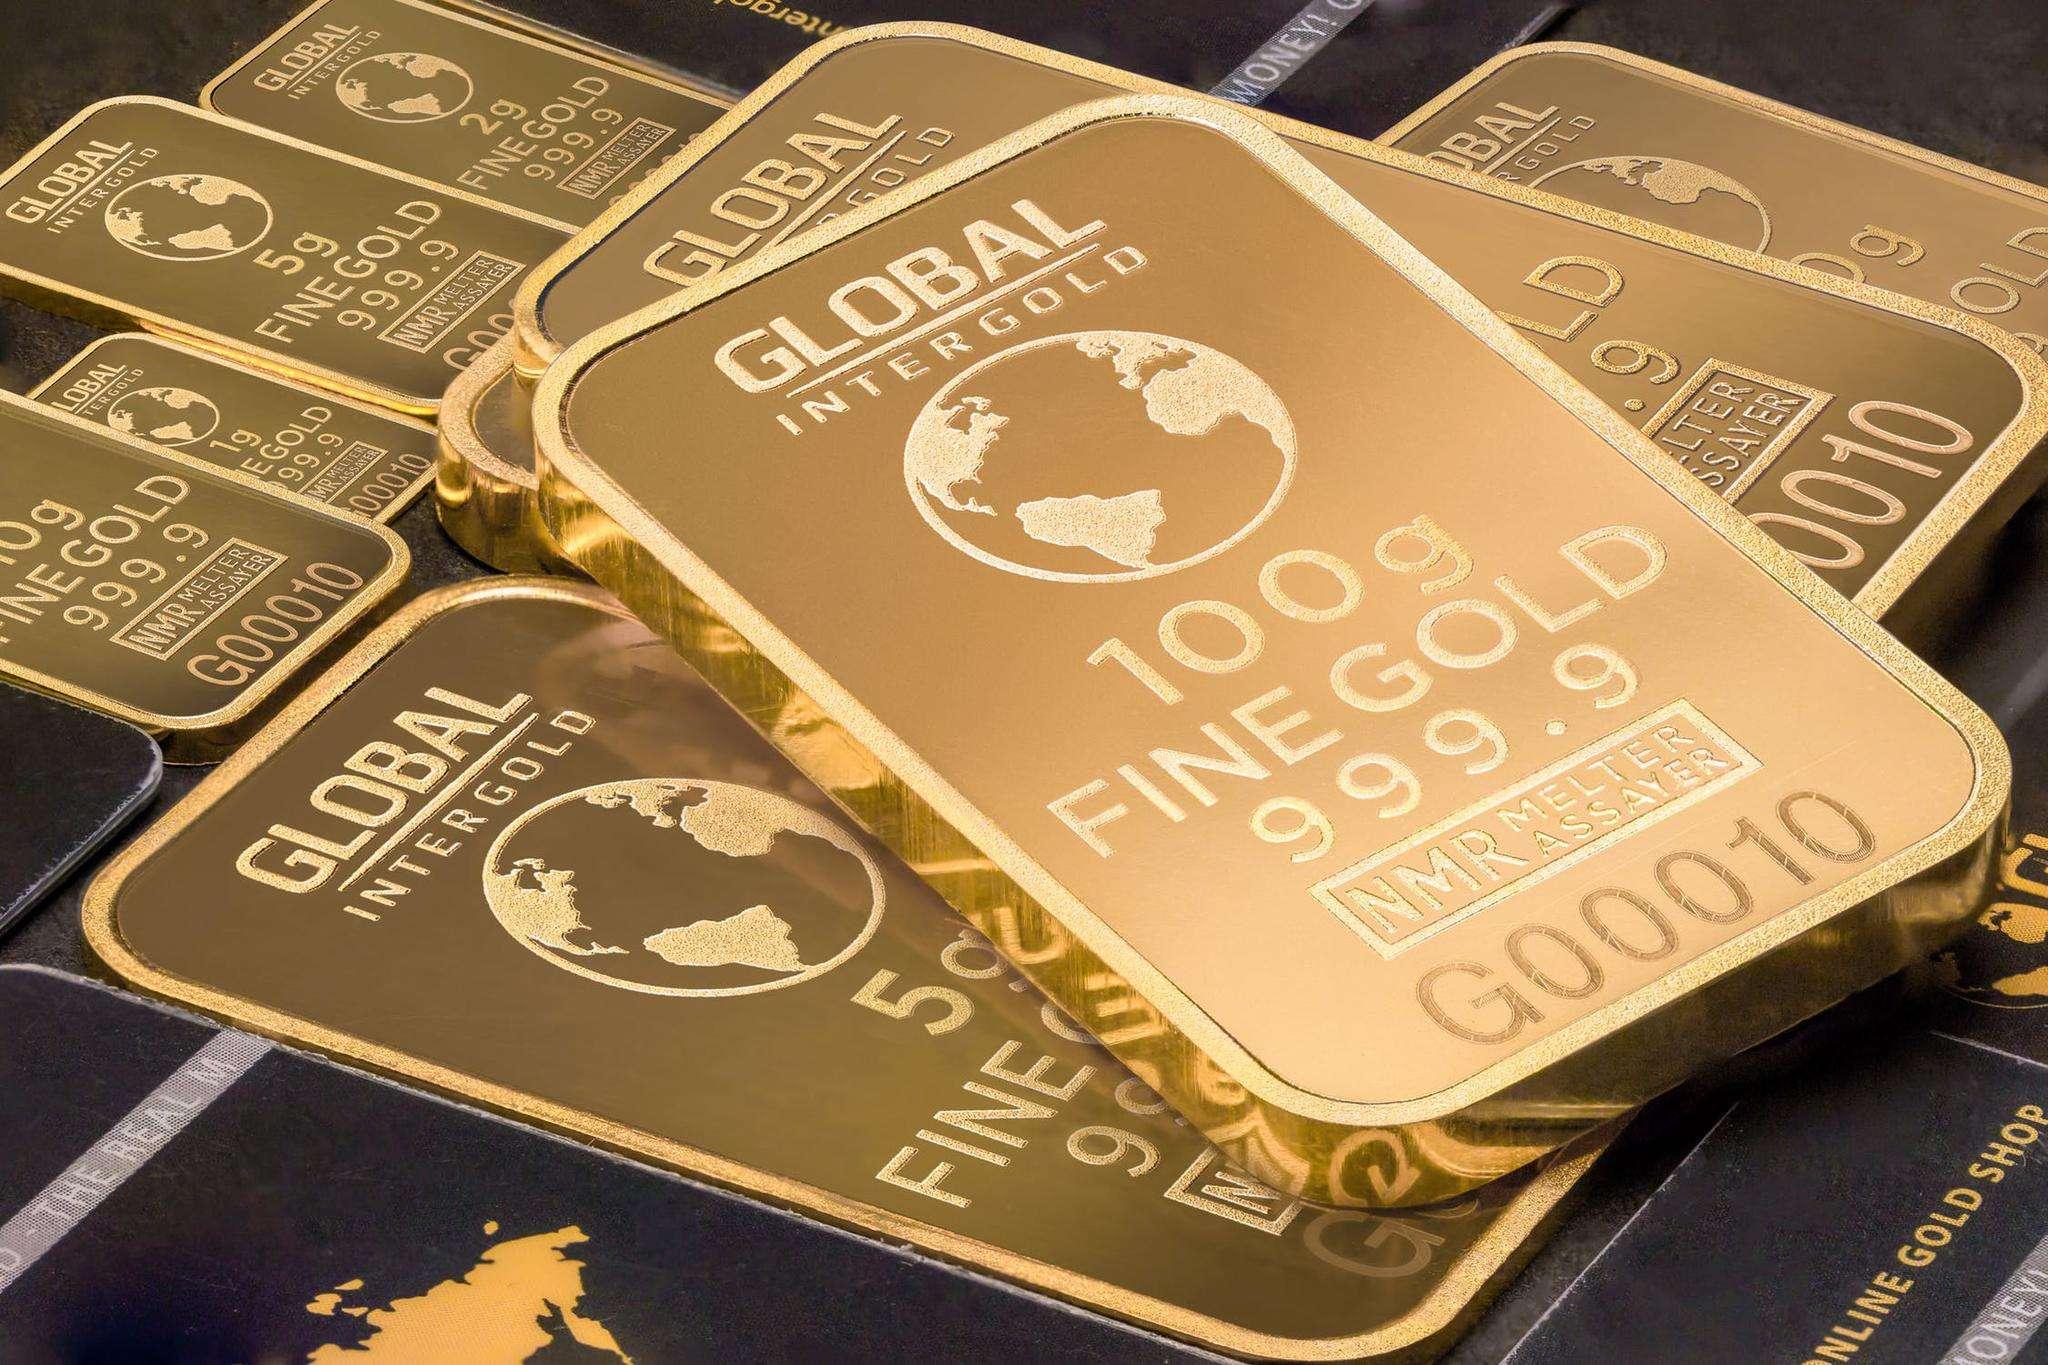 黄金价格飙升后转盘整 下周金价走势前瞻预测